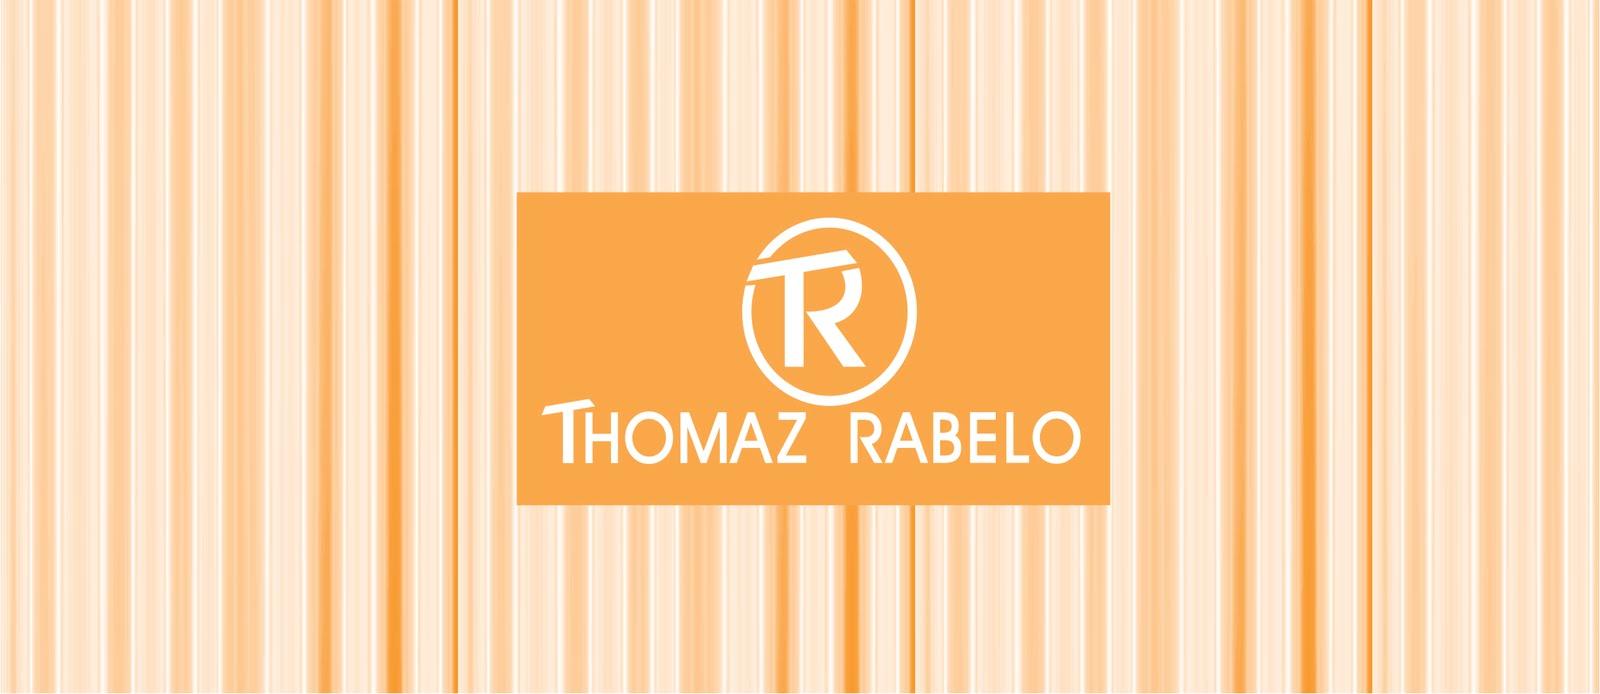 6de739fd5 Thomaz Rabelo 13 anos